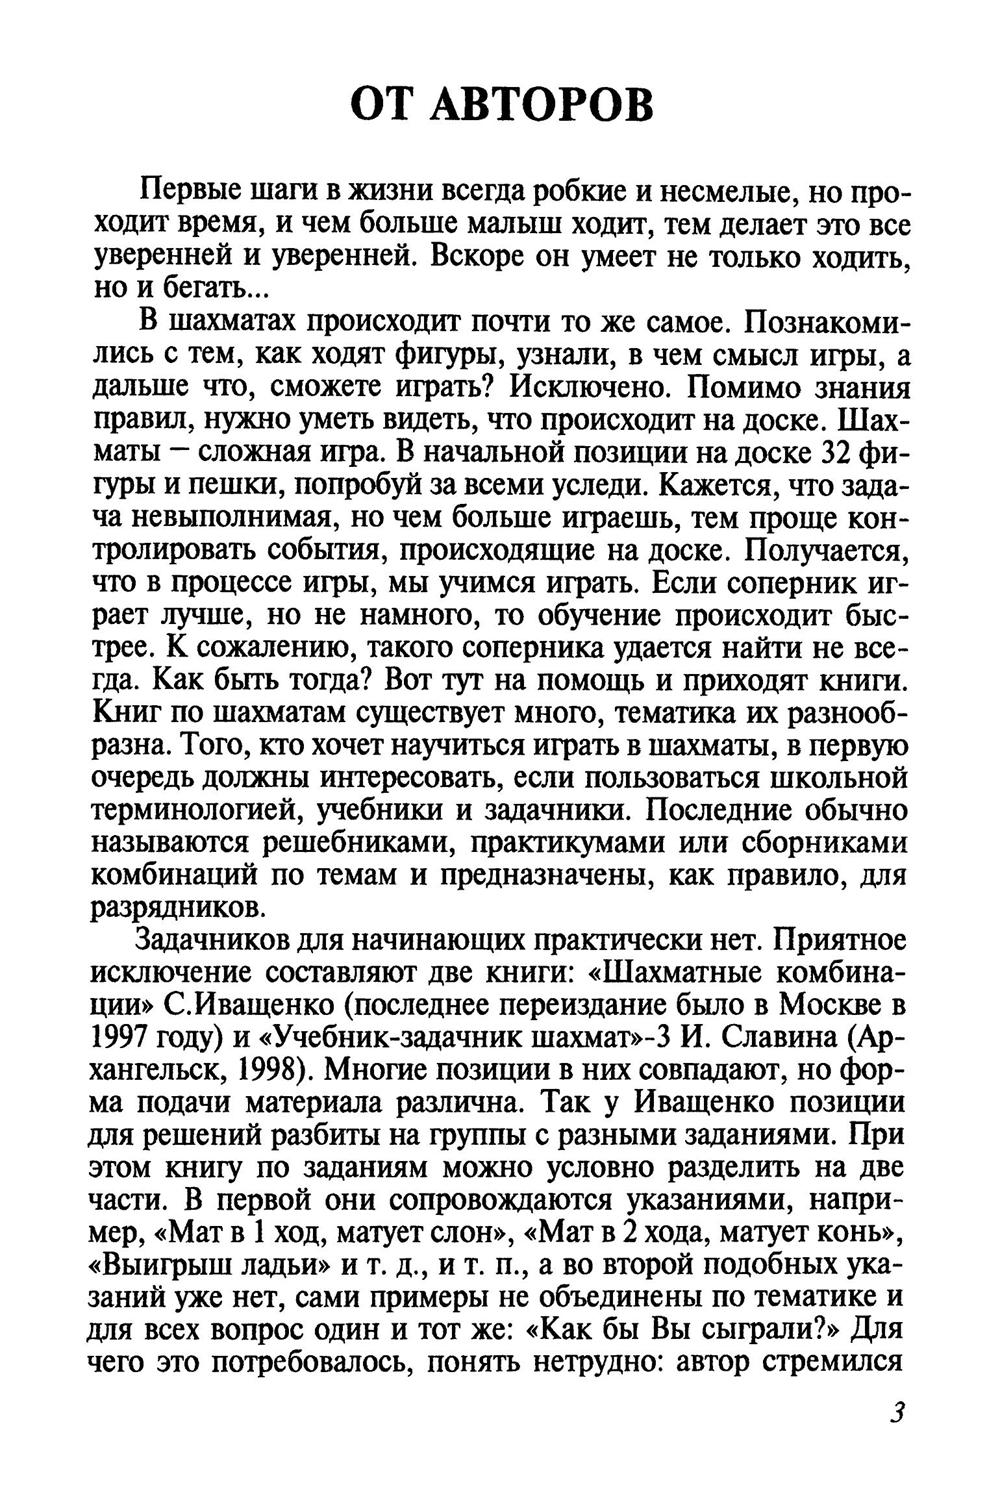 https://ipic.su/img/img7/fs/Testypotaktikedlyanachinayushihshahmatistov_005.1598366365.jpg